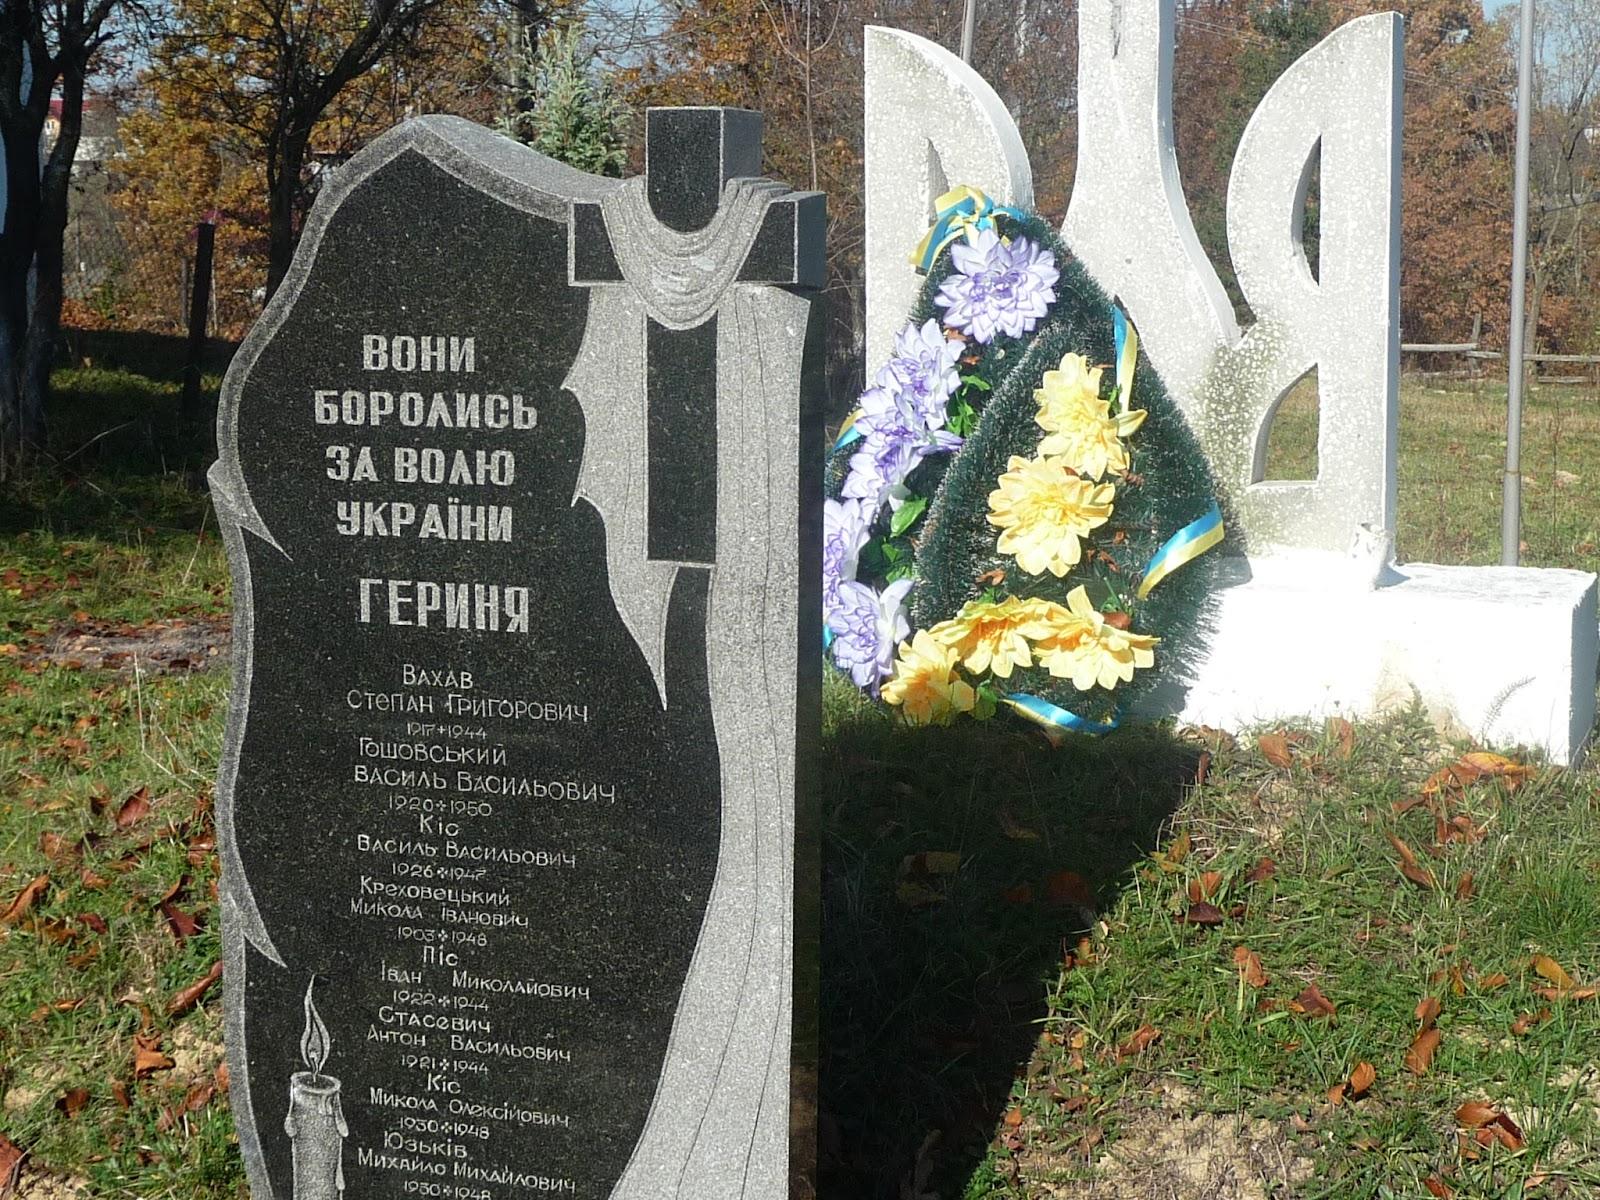 Герыня. Памятник Борцам за волю Украины